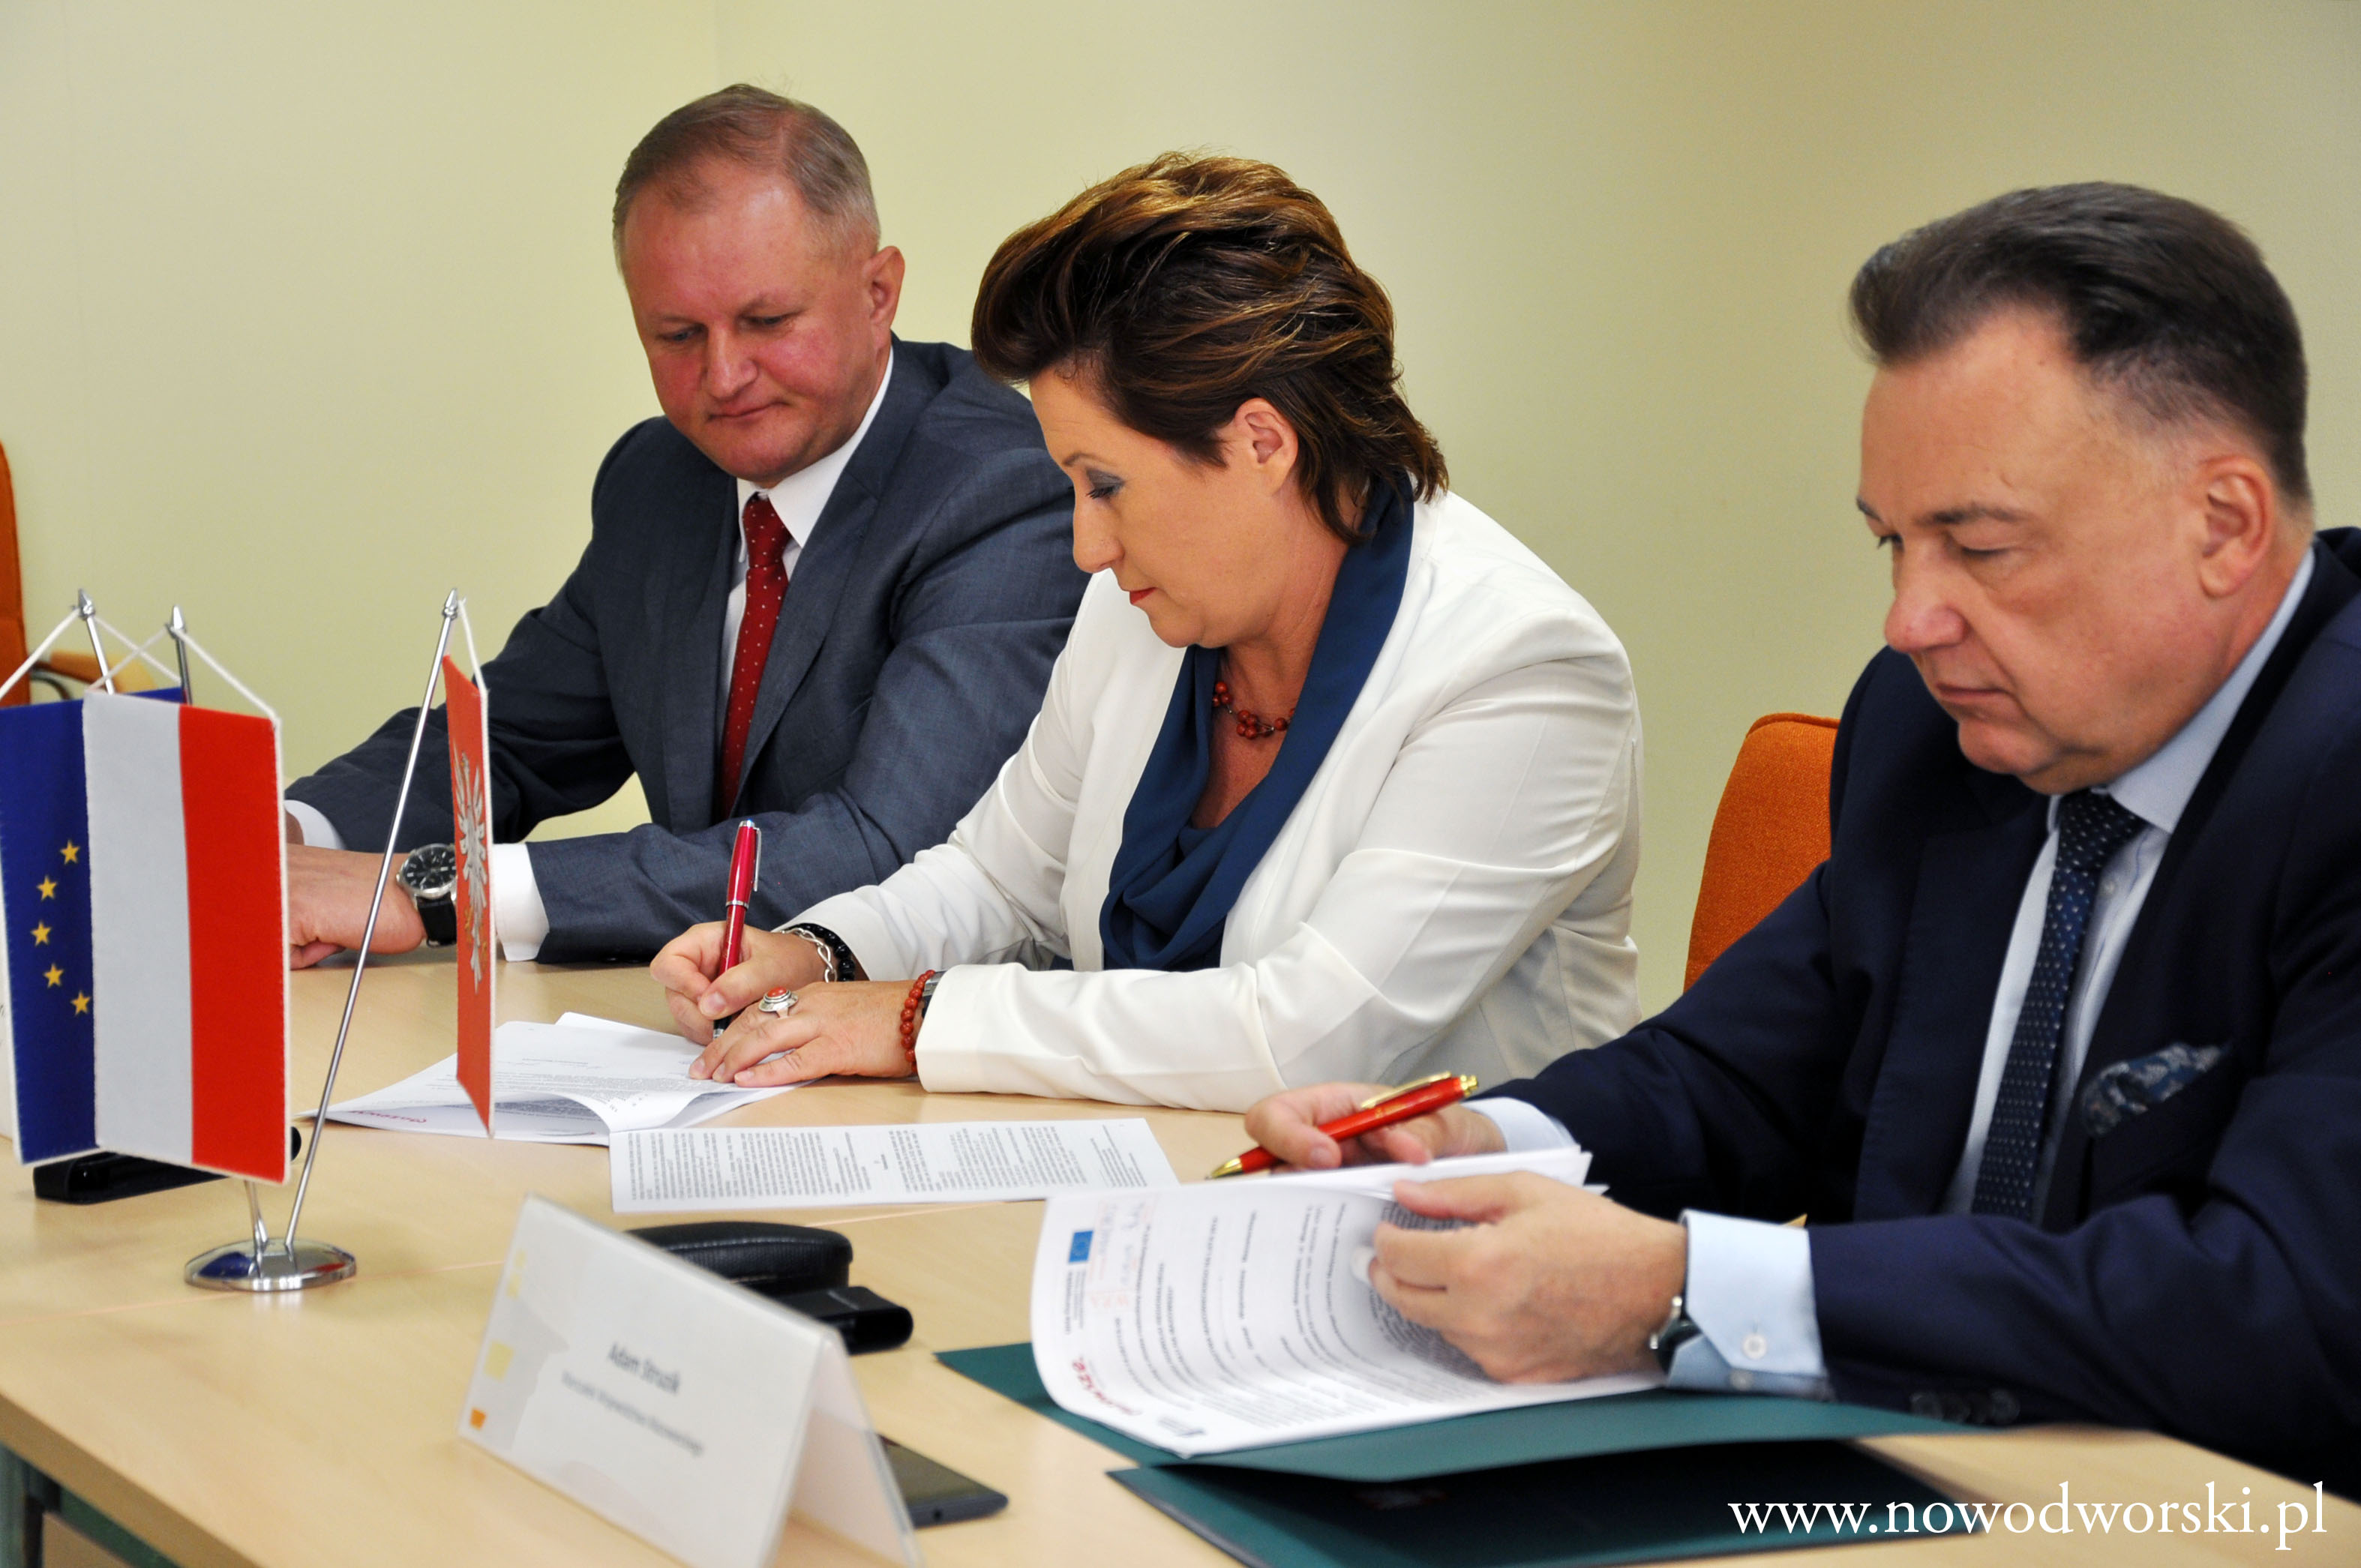 Ponad 5,8 mln unijnego wsparcia dla nowodworskiego centrum medycznego